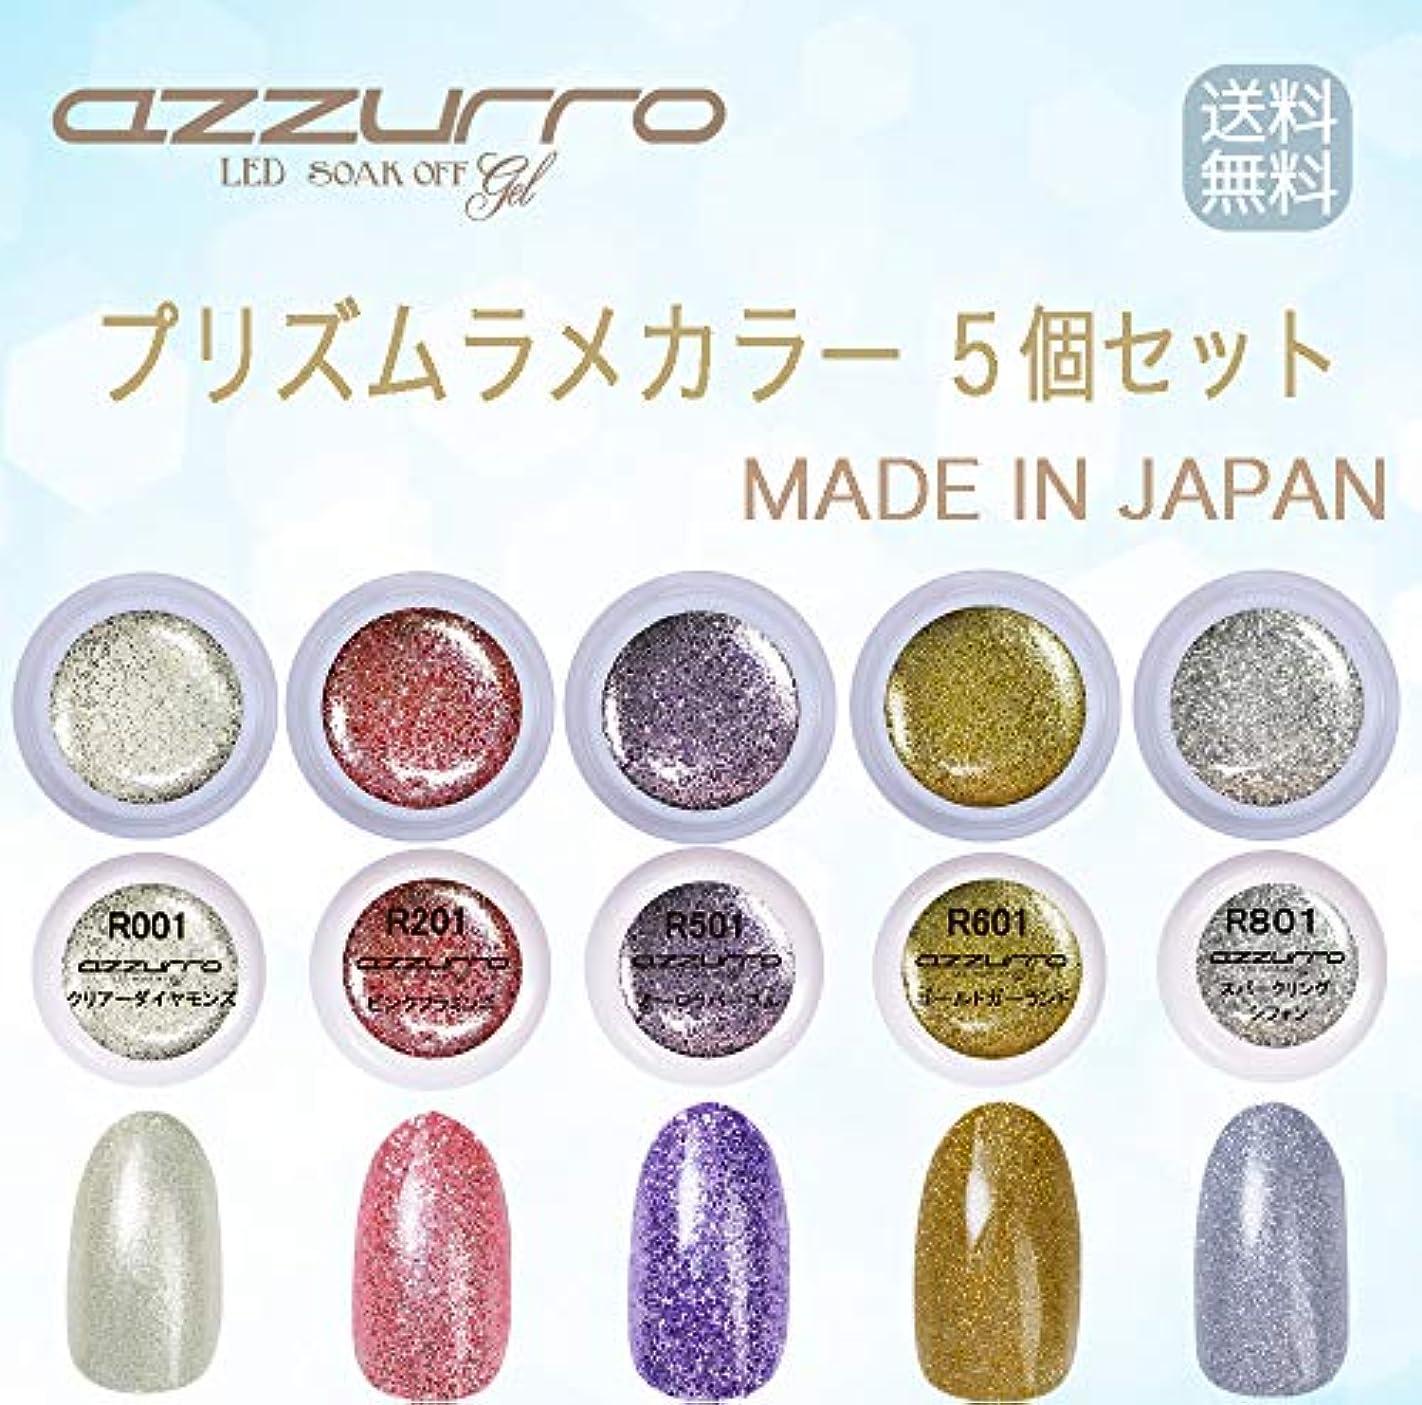 組み込む額満足できる【送料無料】日本製 azzurro gel プリズムラメカラージェル5個セット キラキラネイルにぴったりなカラー